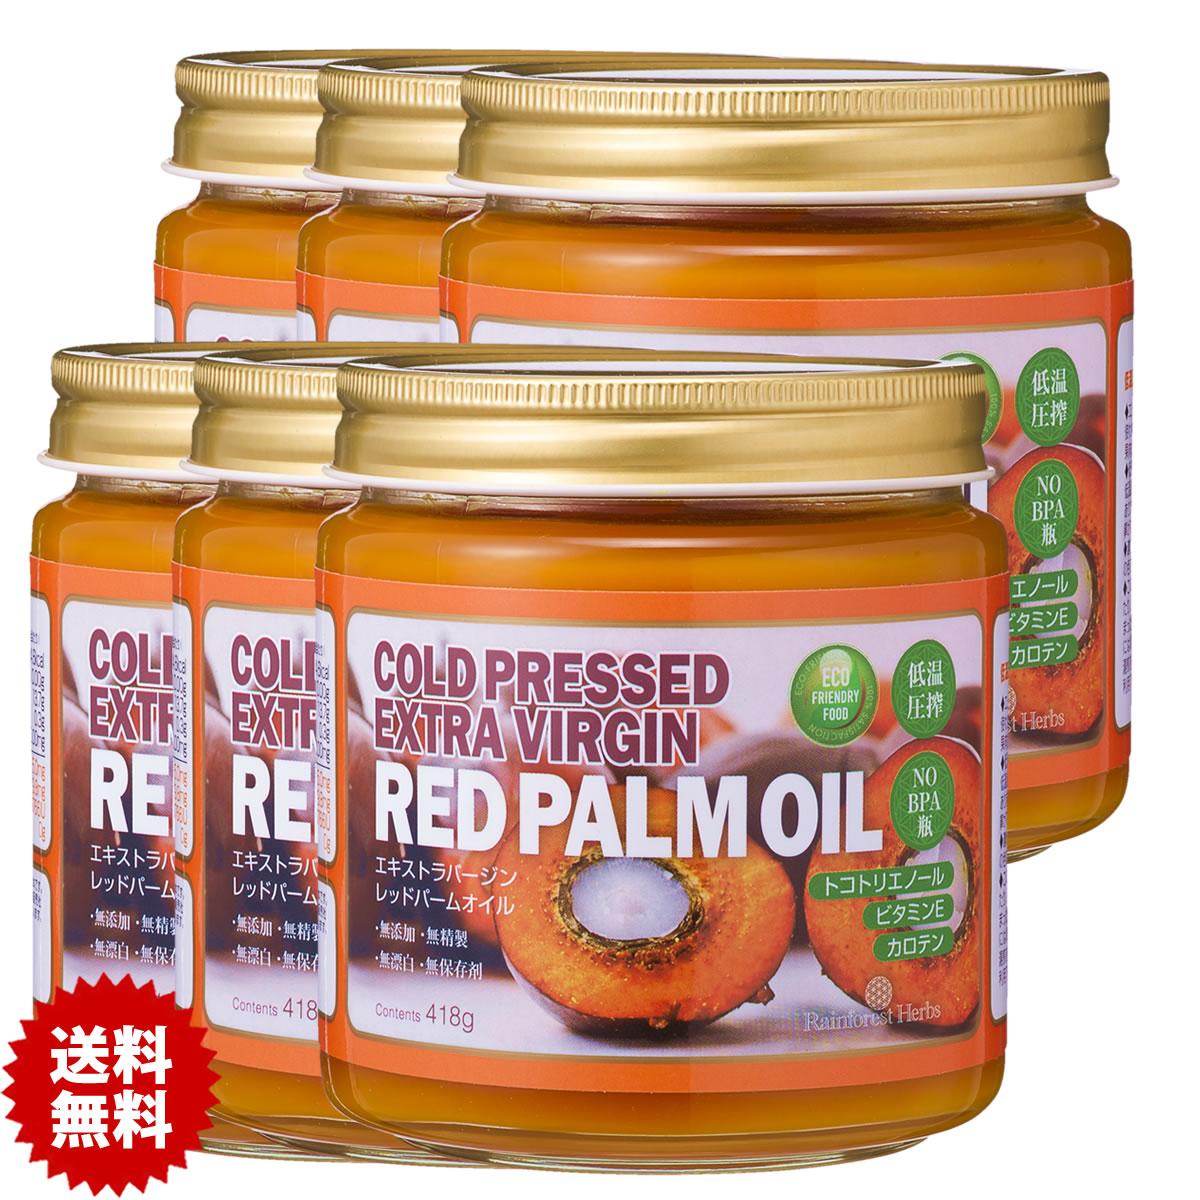 ビタミンA β-カロテン トコトリエノール 贈物 スーパービタミンE コエンザイムQ10を大量に含む高機能オイル 選択 エキストラバージン レッドパームオイル RED 6個 PALM コエンザイムQ10 OIL 低温圧搾 418g